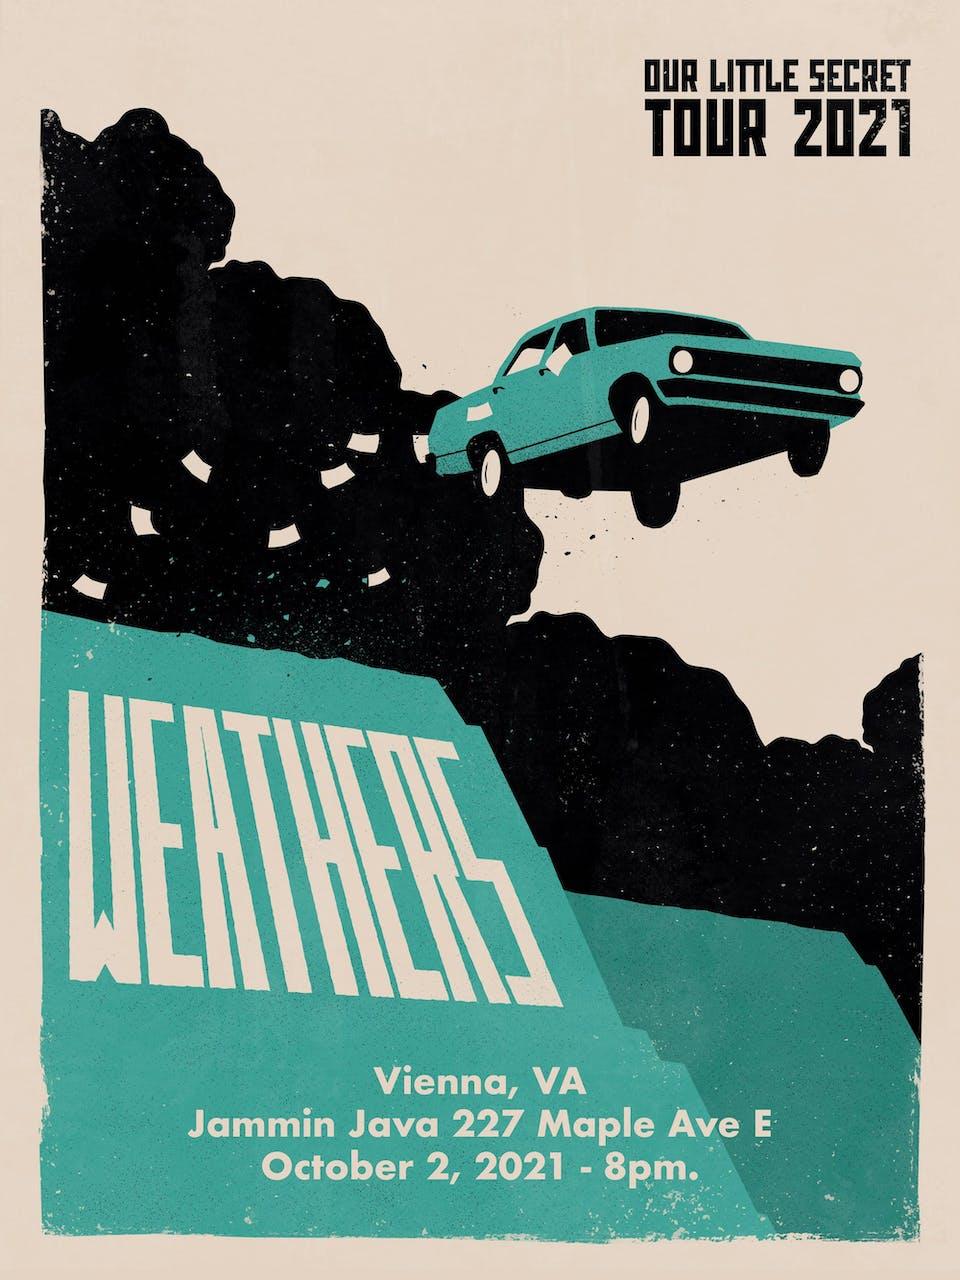 Out Little Secret Tour 2021 - Weathers